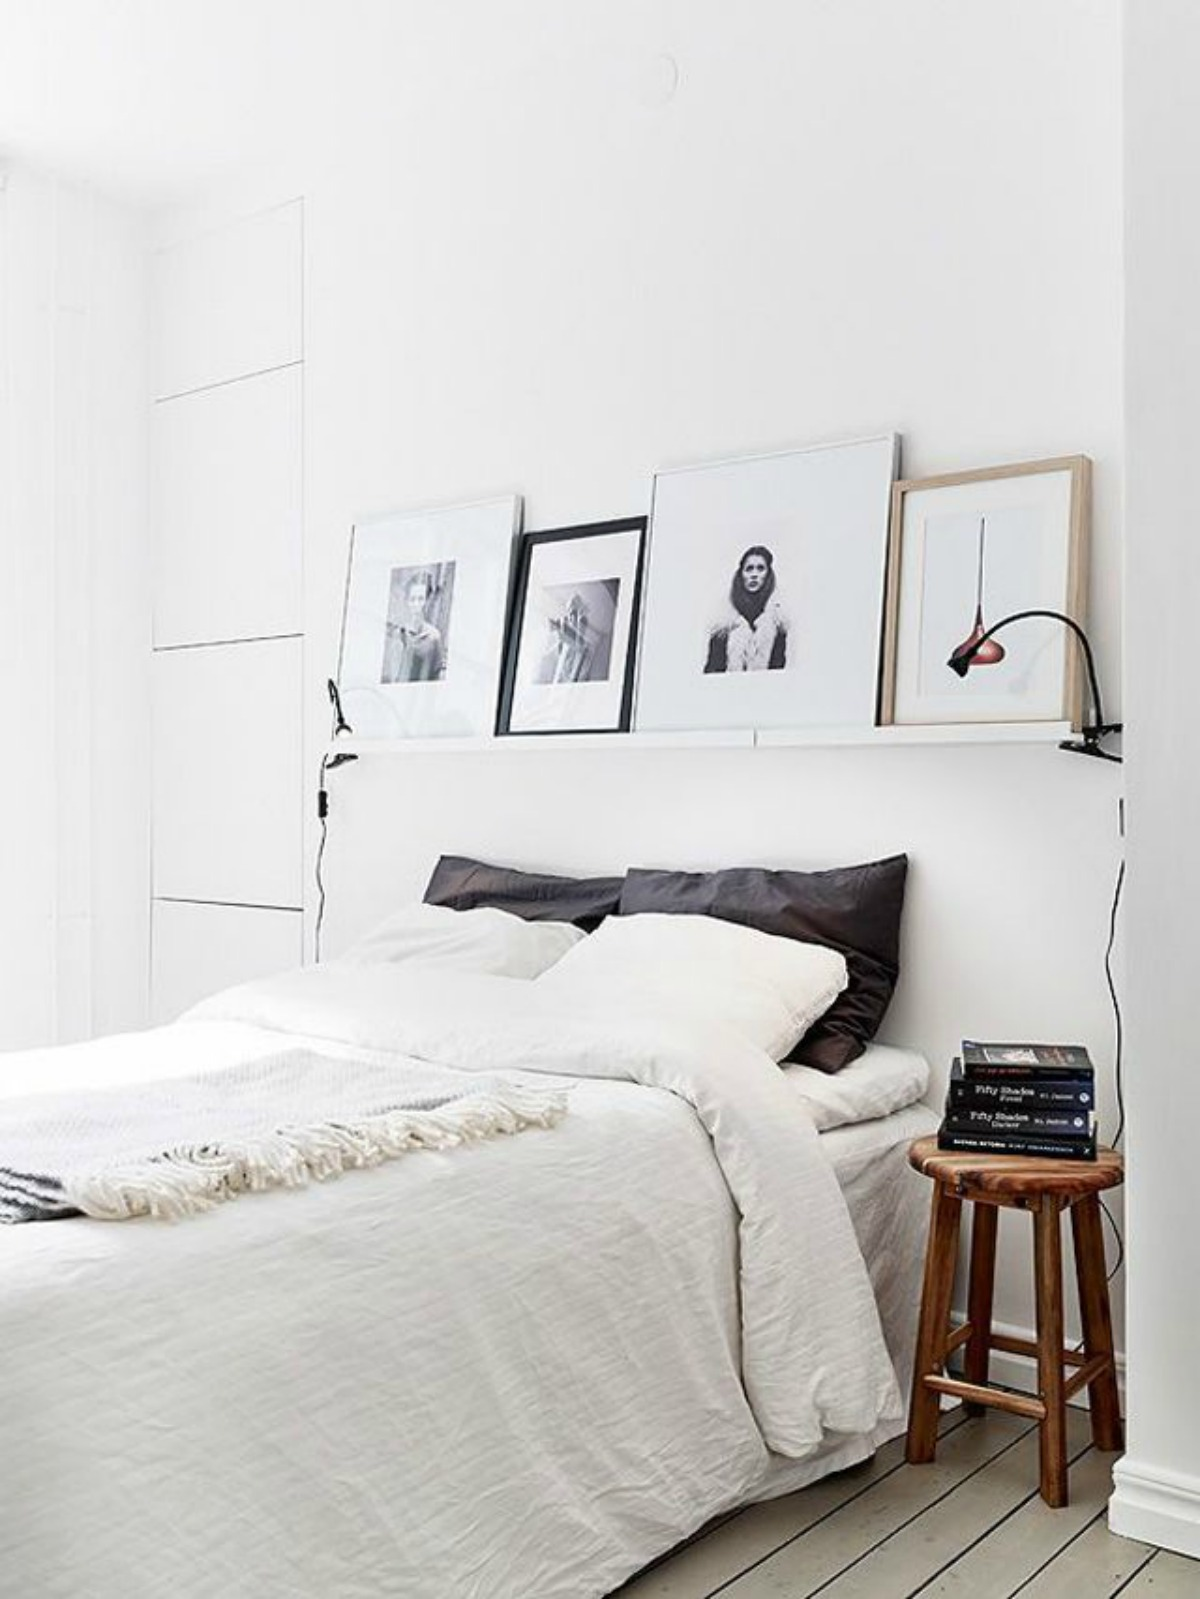 dormitorios minimalistas - origen del estilo